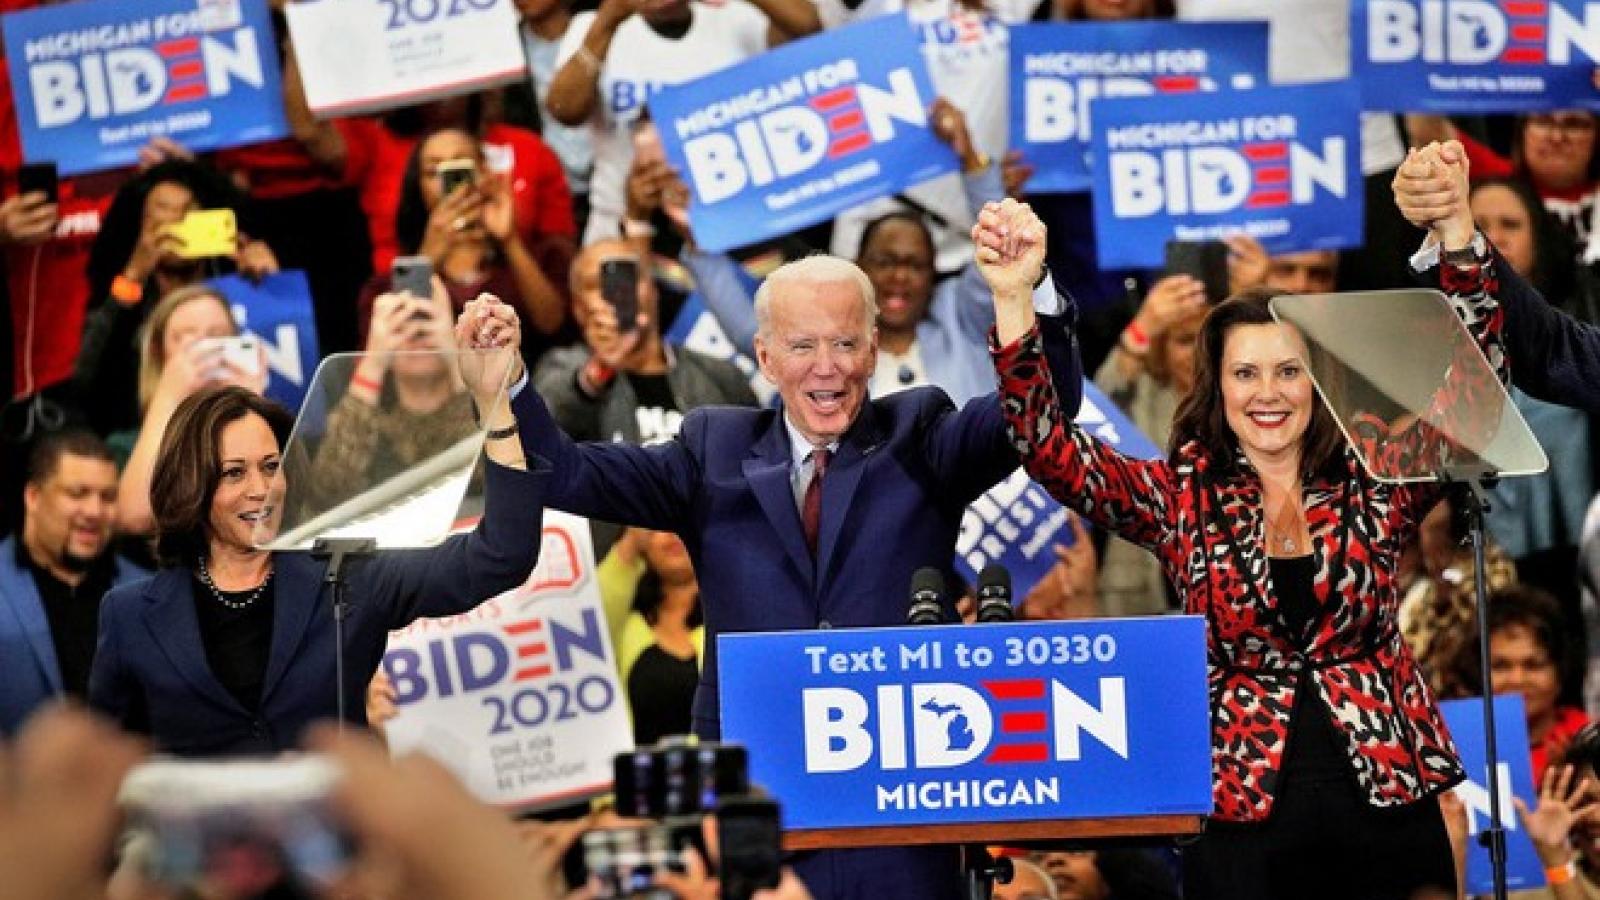 Tỷ lệ ủng hộ ông Biden cao hơn mức kỷ lục của ông Trump